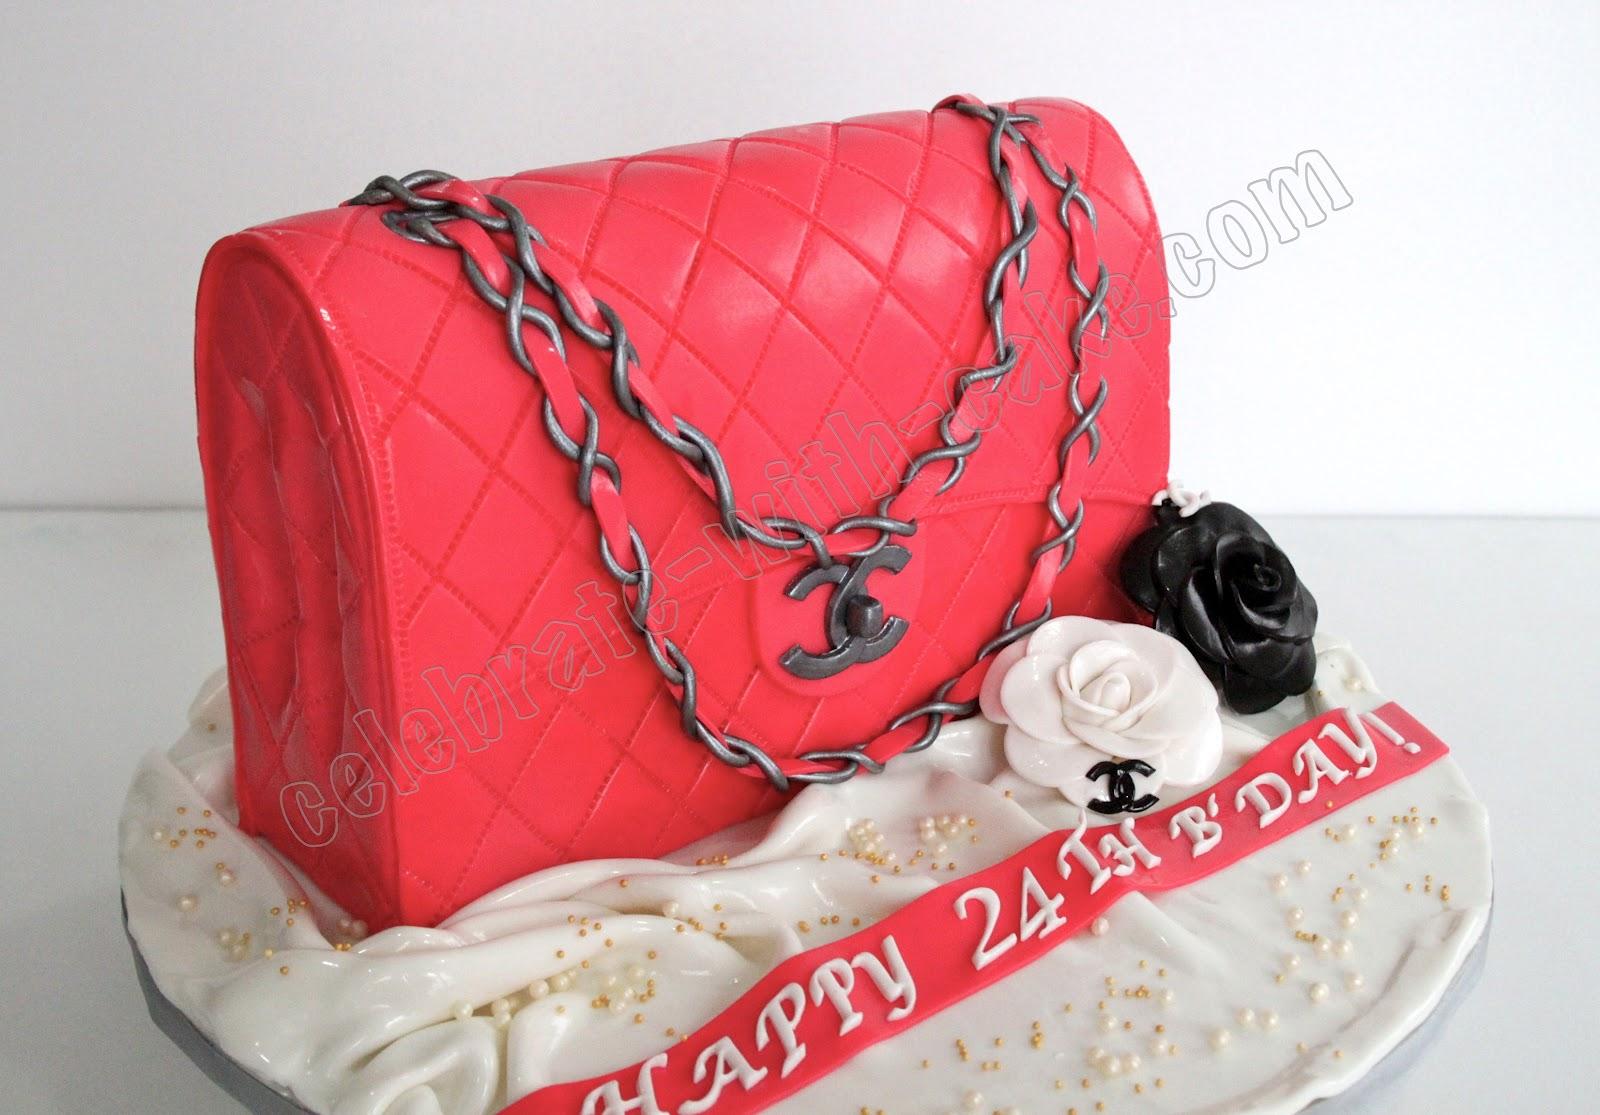 gâteau d'anniversaire chanel rose fillette insolite